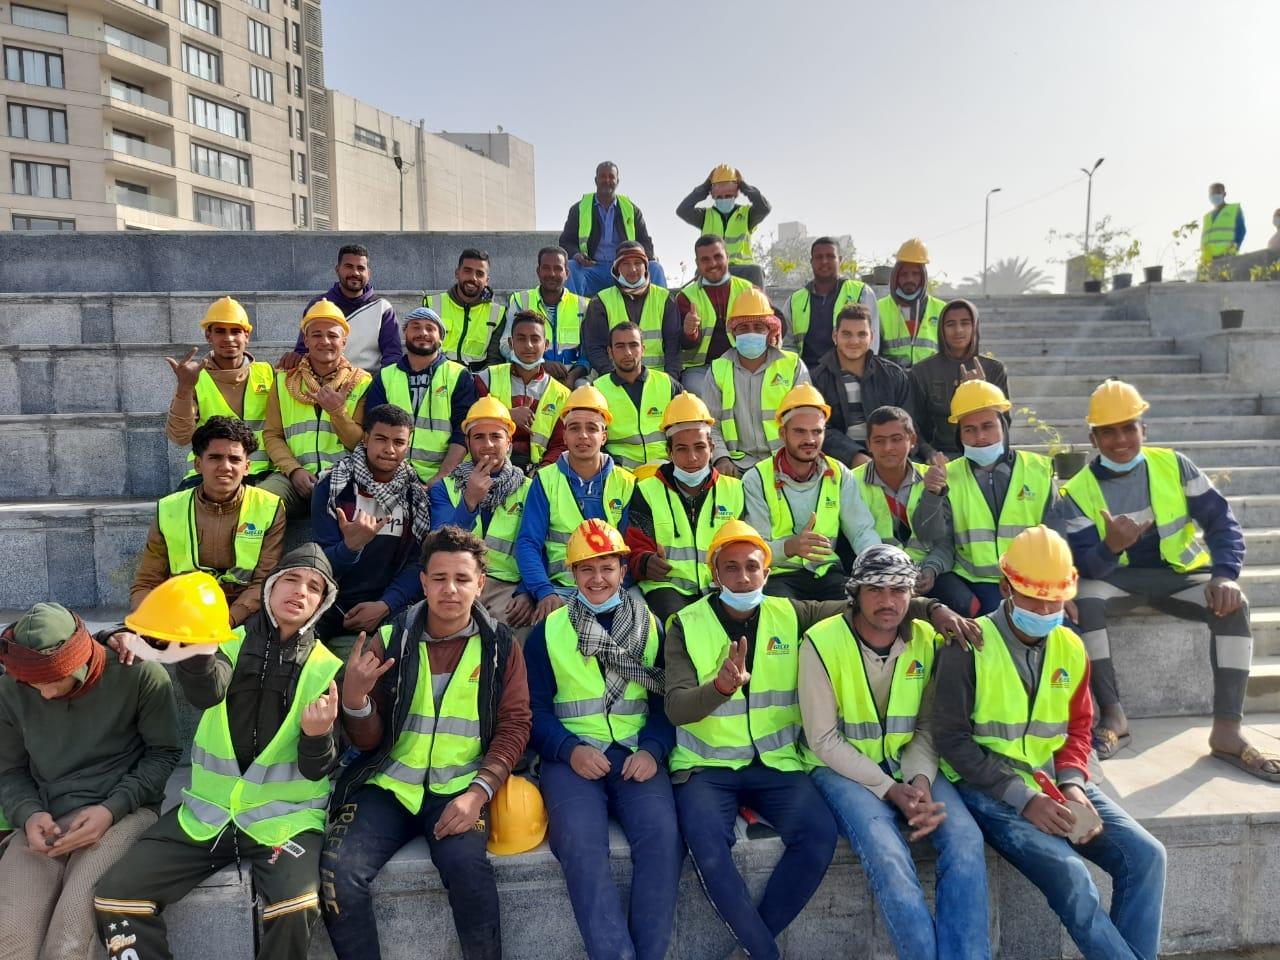 العمال يحتفلون بعيدهم وسط الماكينات بالتزامن مع الحر والصيام